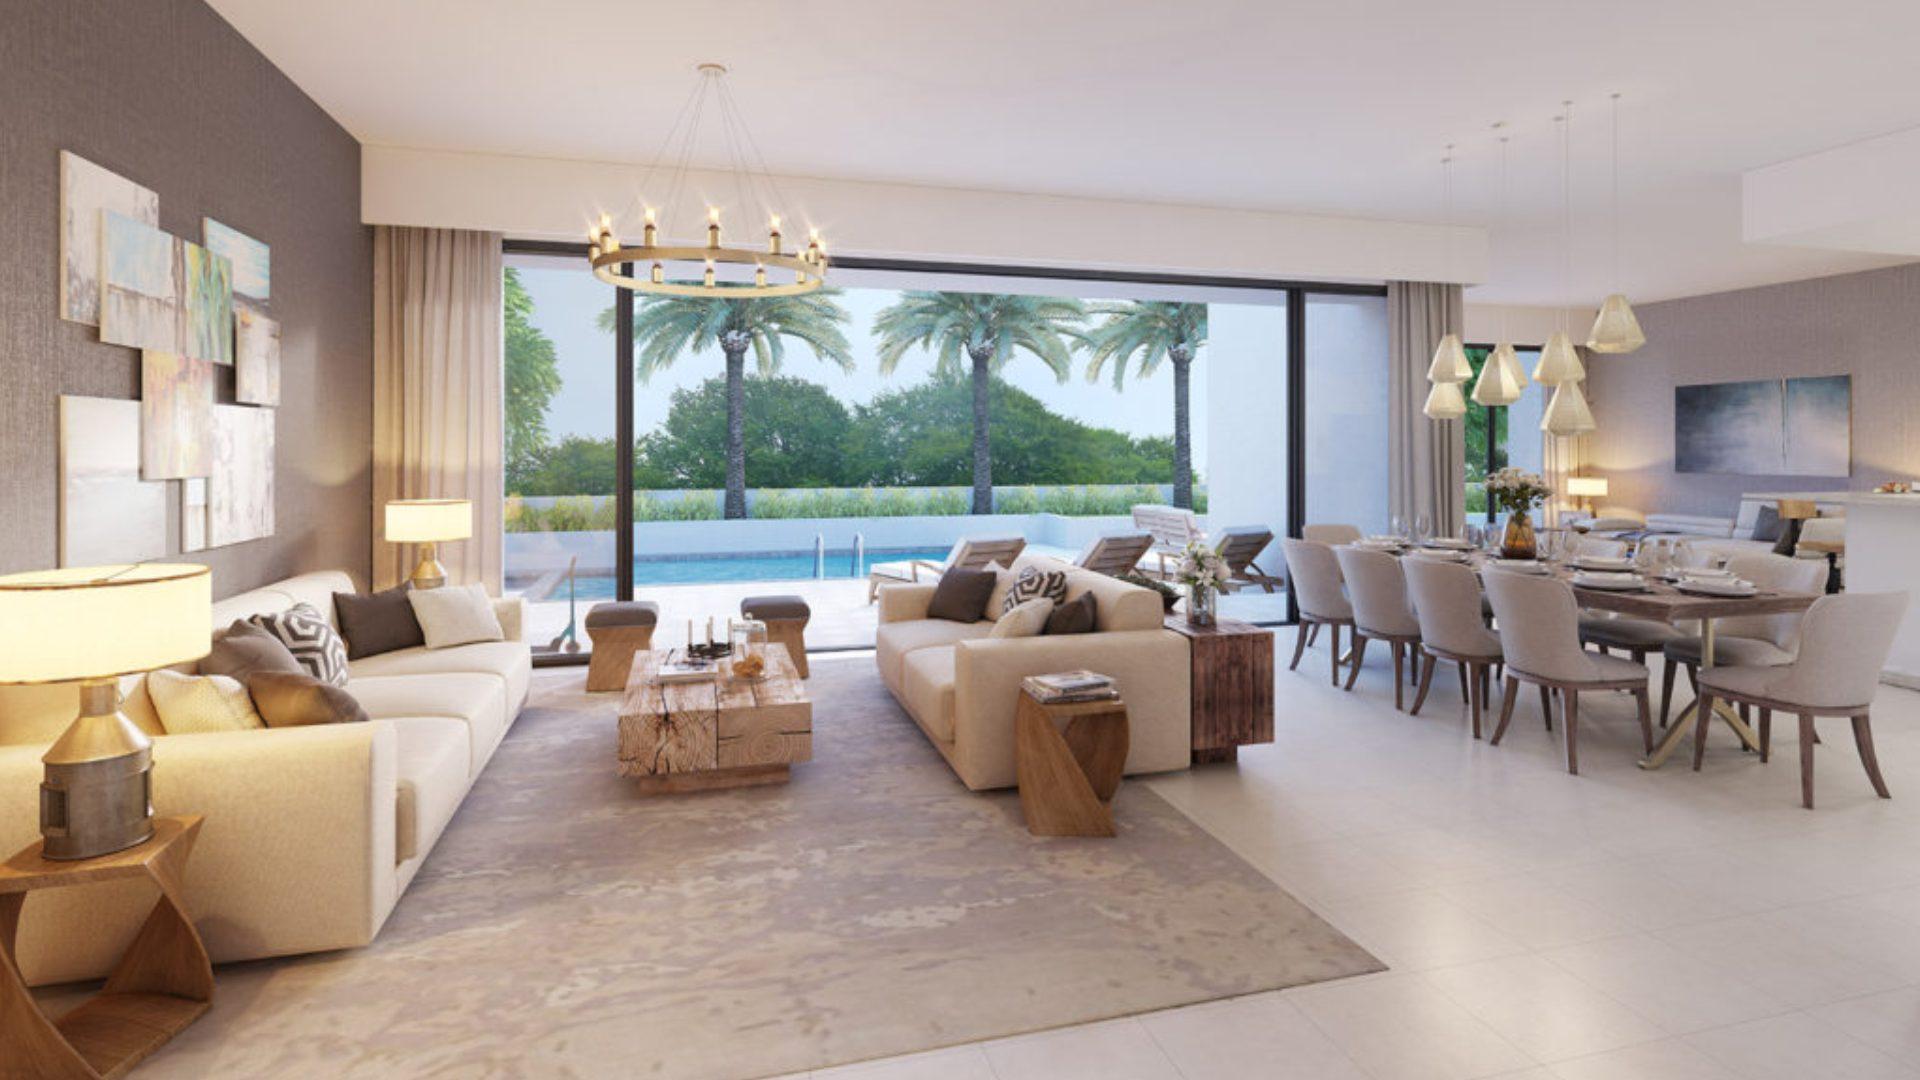 Villa en venta en Dubai, EAU, 4 dormitorios, 313 m2, № 24393 – foto 1